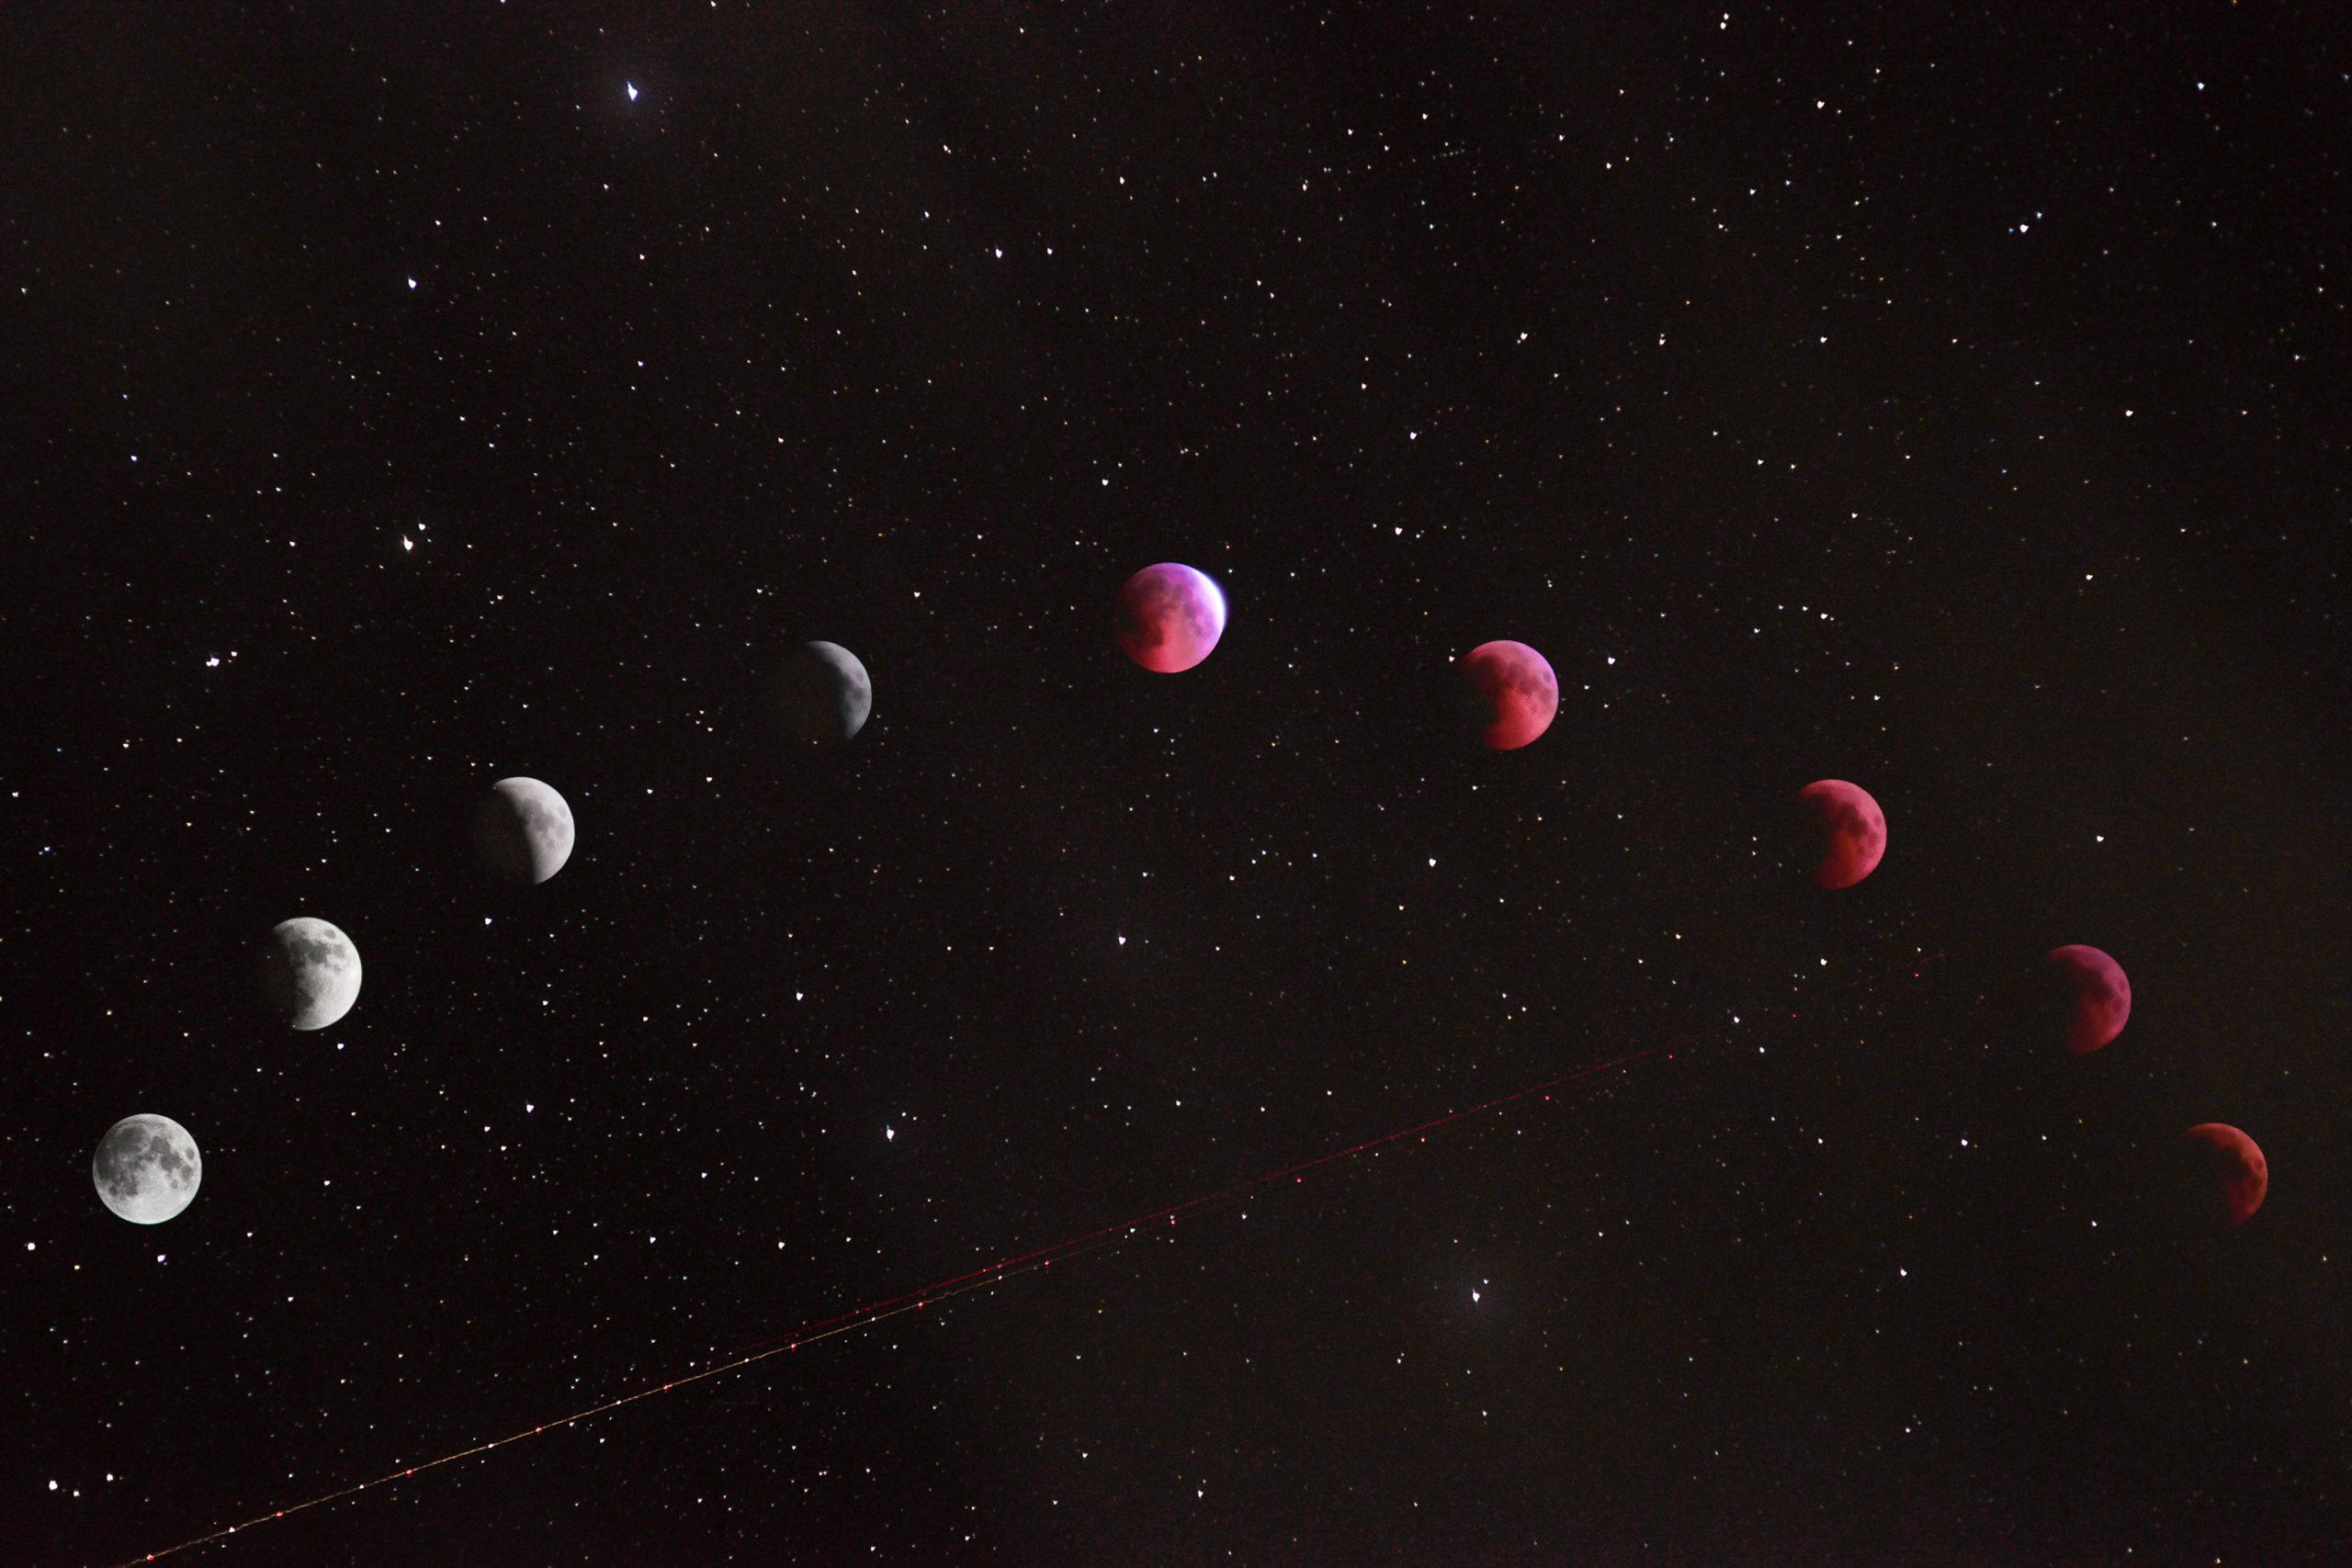 月星座と太陽星座とは?人の性格が分かる?両方の違いと自分を知る方法